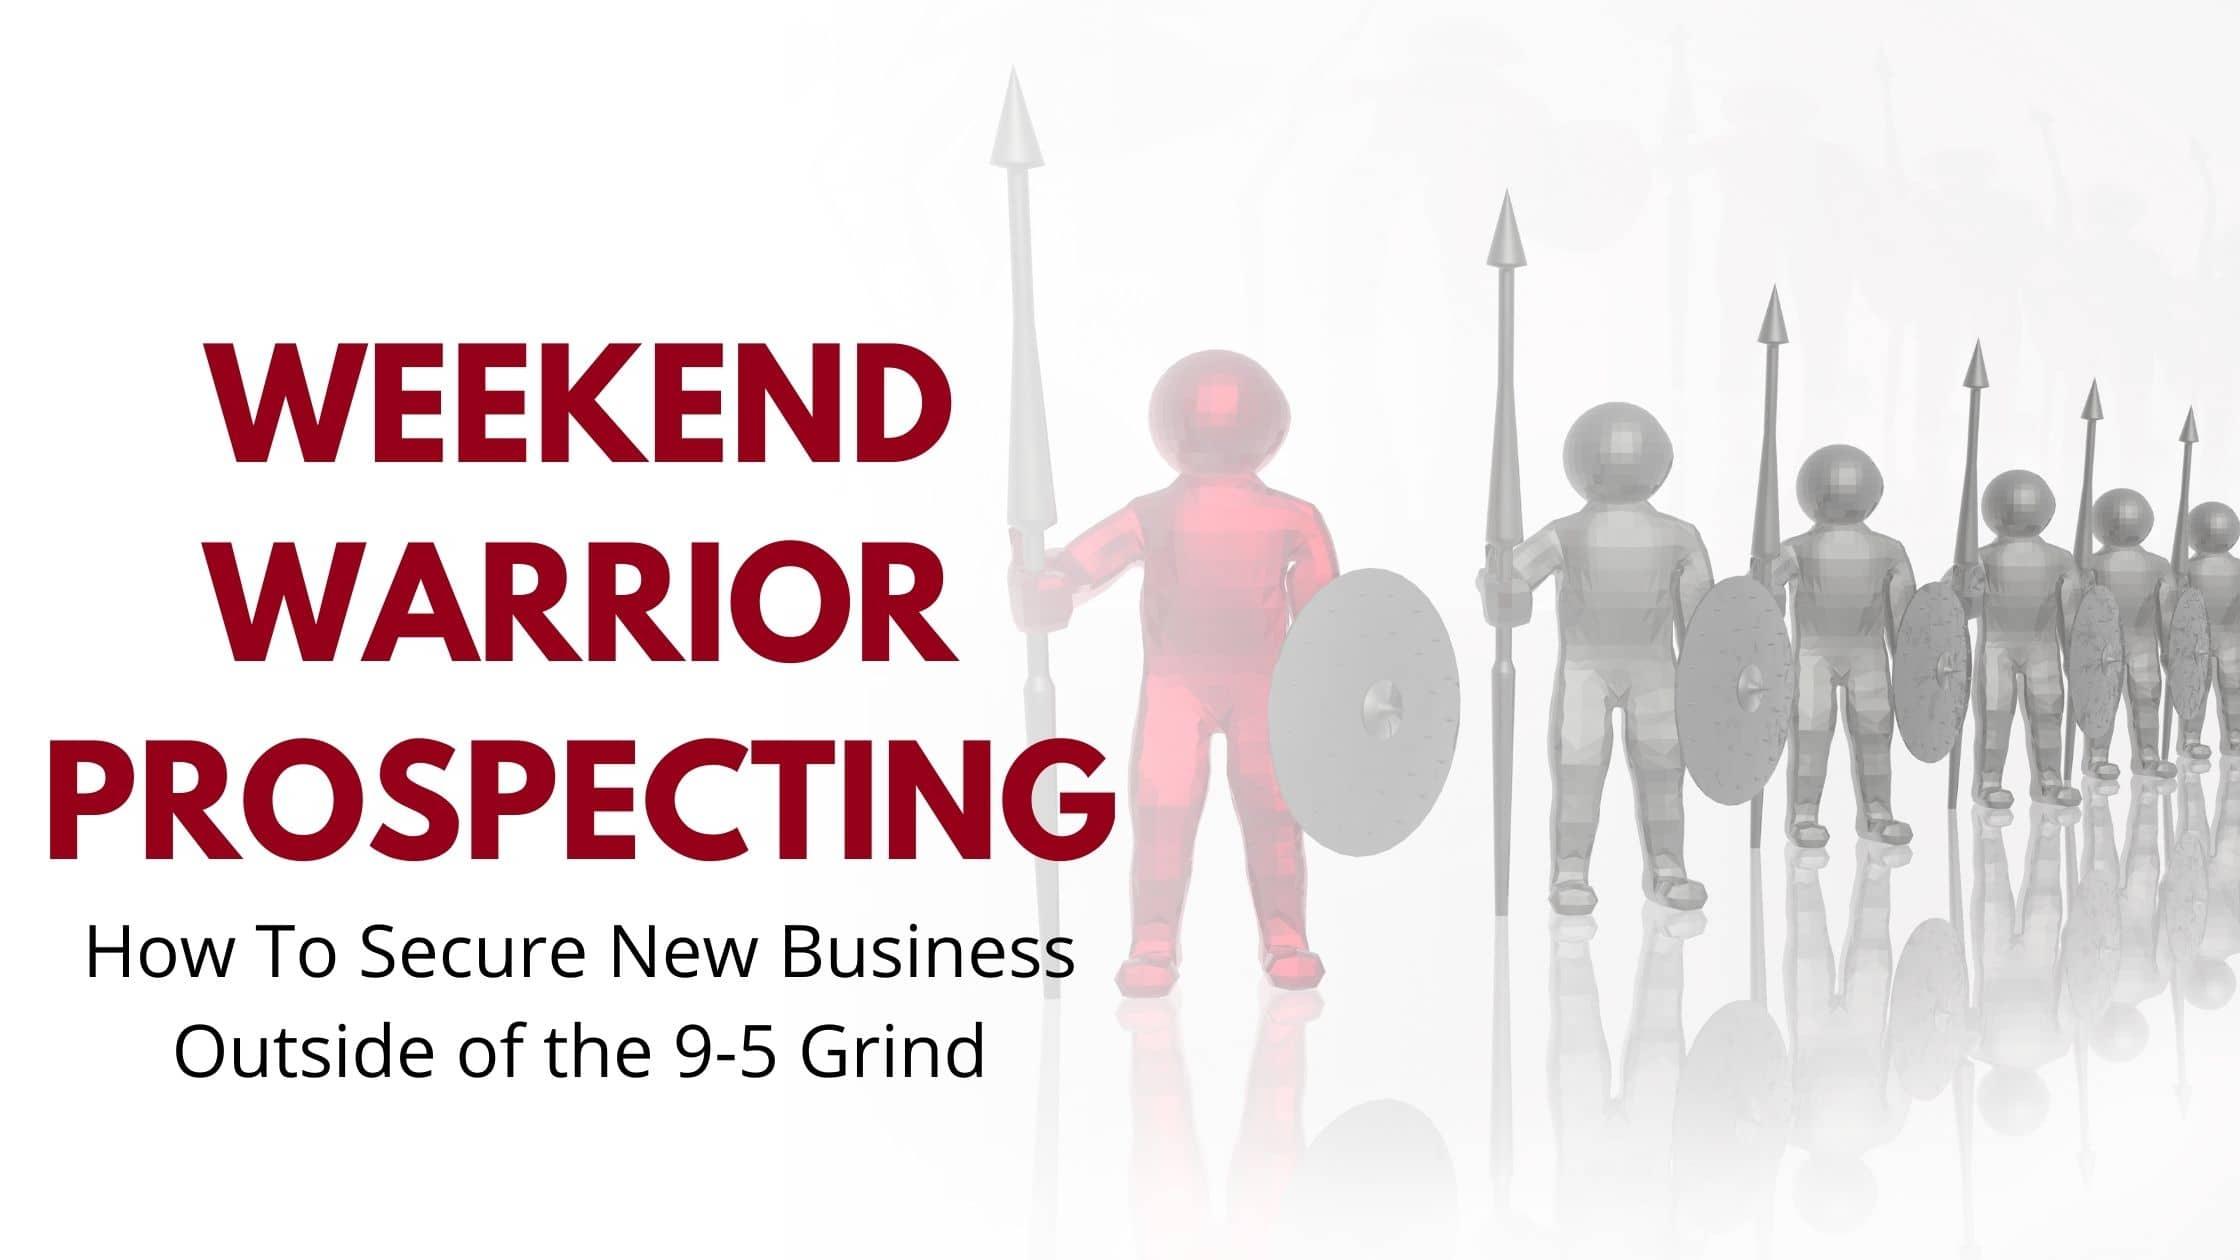 weekend warrior prospecting